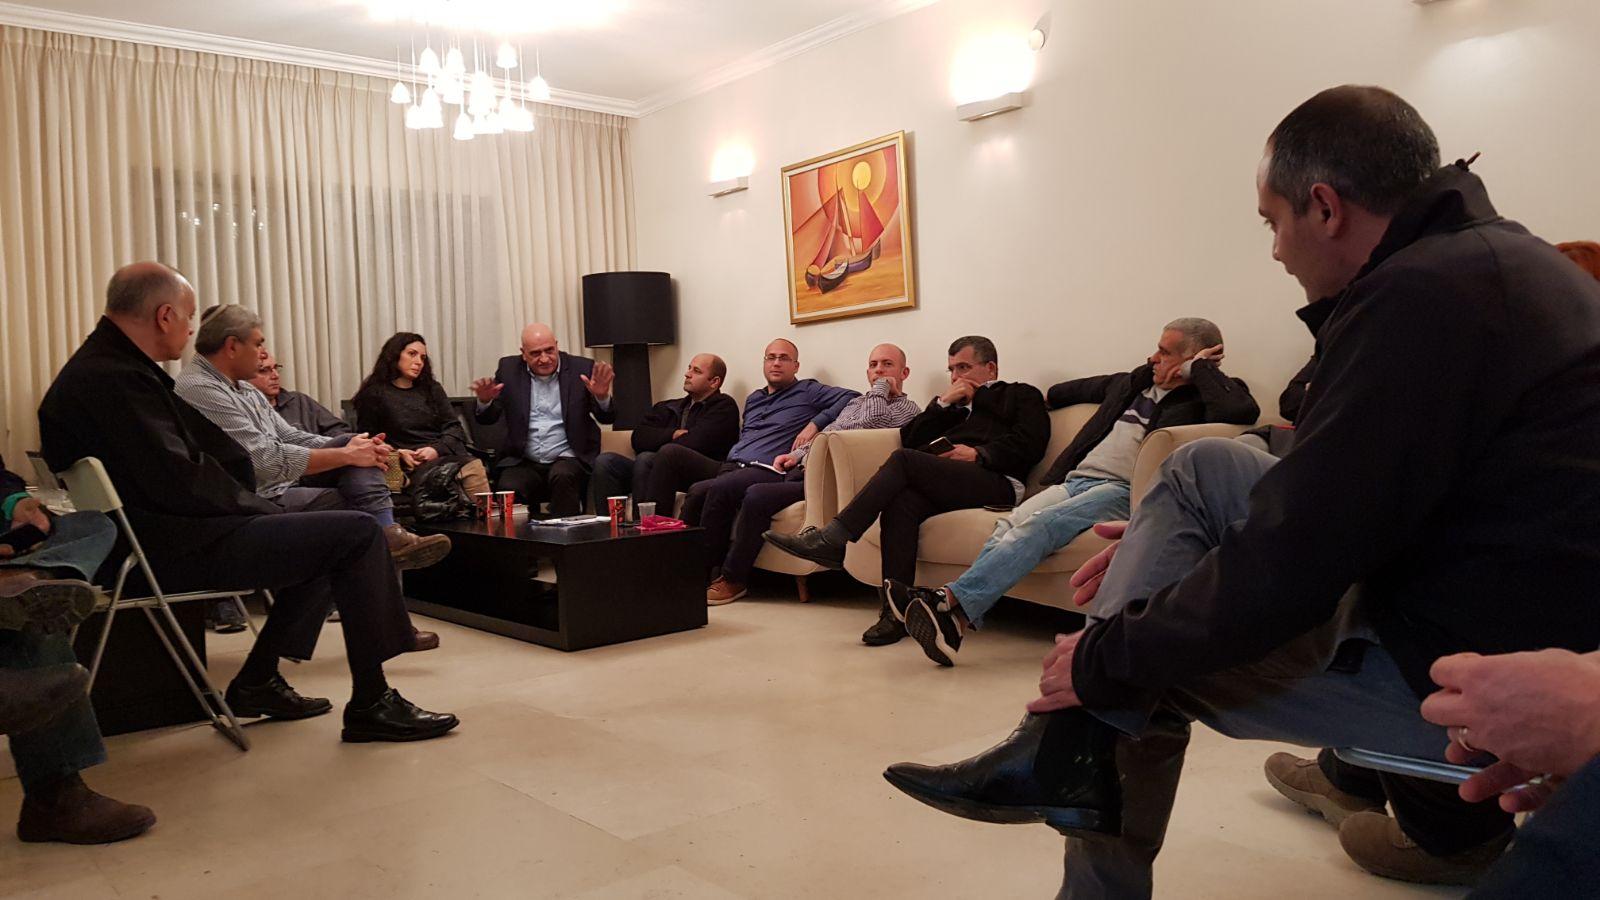 נערכים בשטח... מפלגת כולנו בישיבה עבודה ראשונה בעיר נתניה